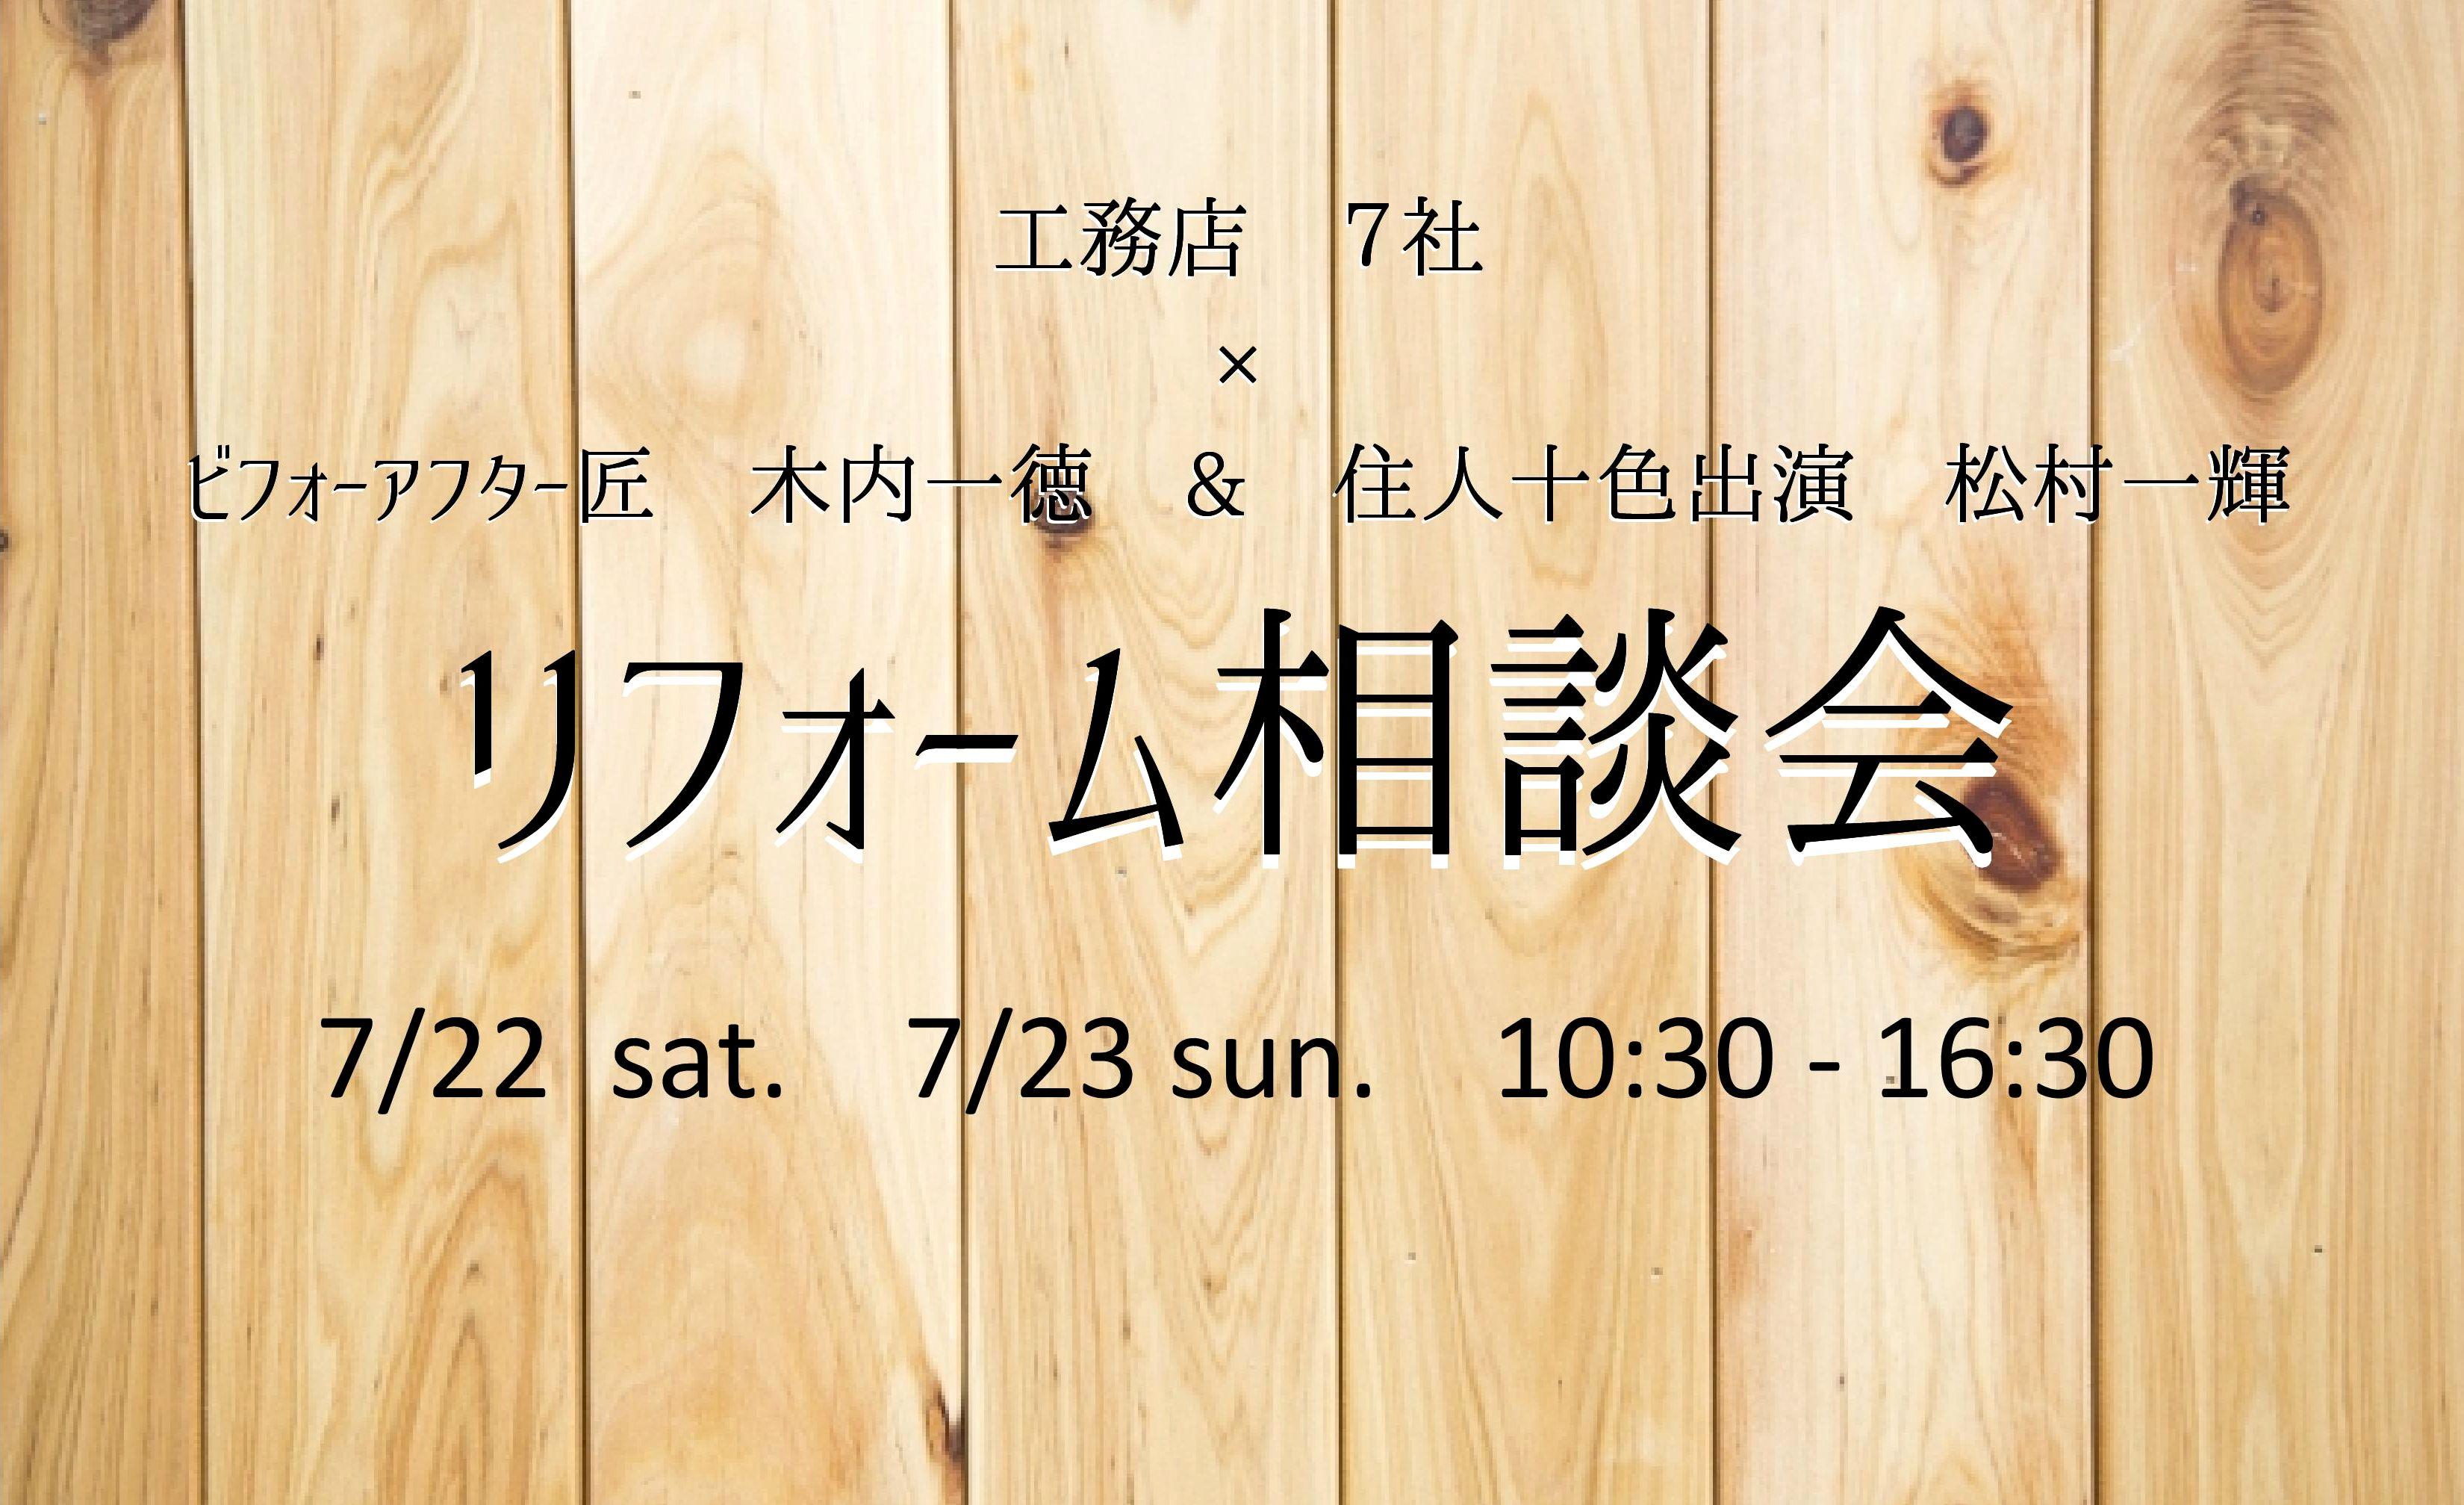 リフォーム相談会7社バナー